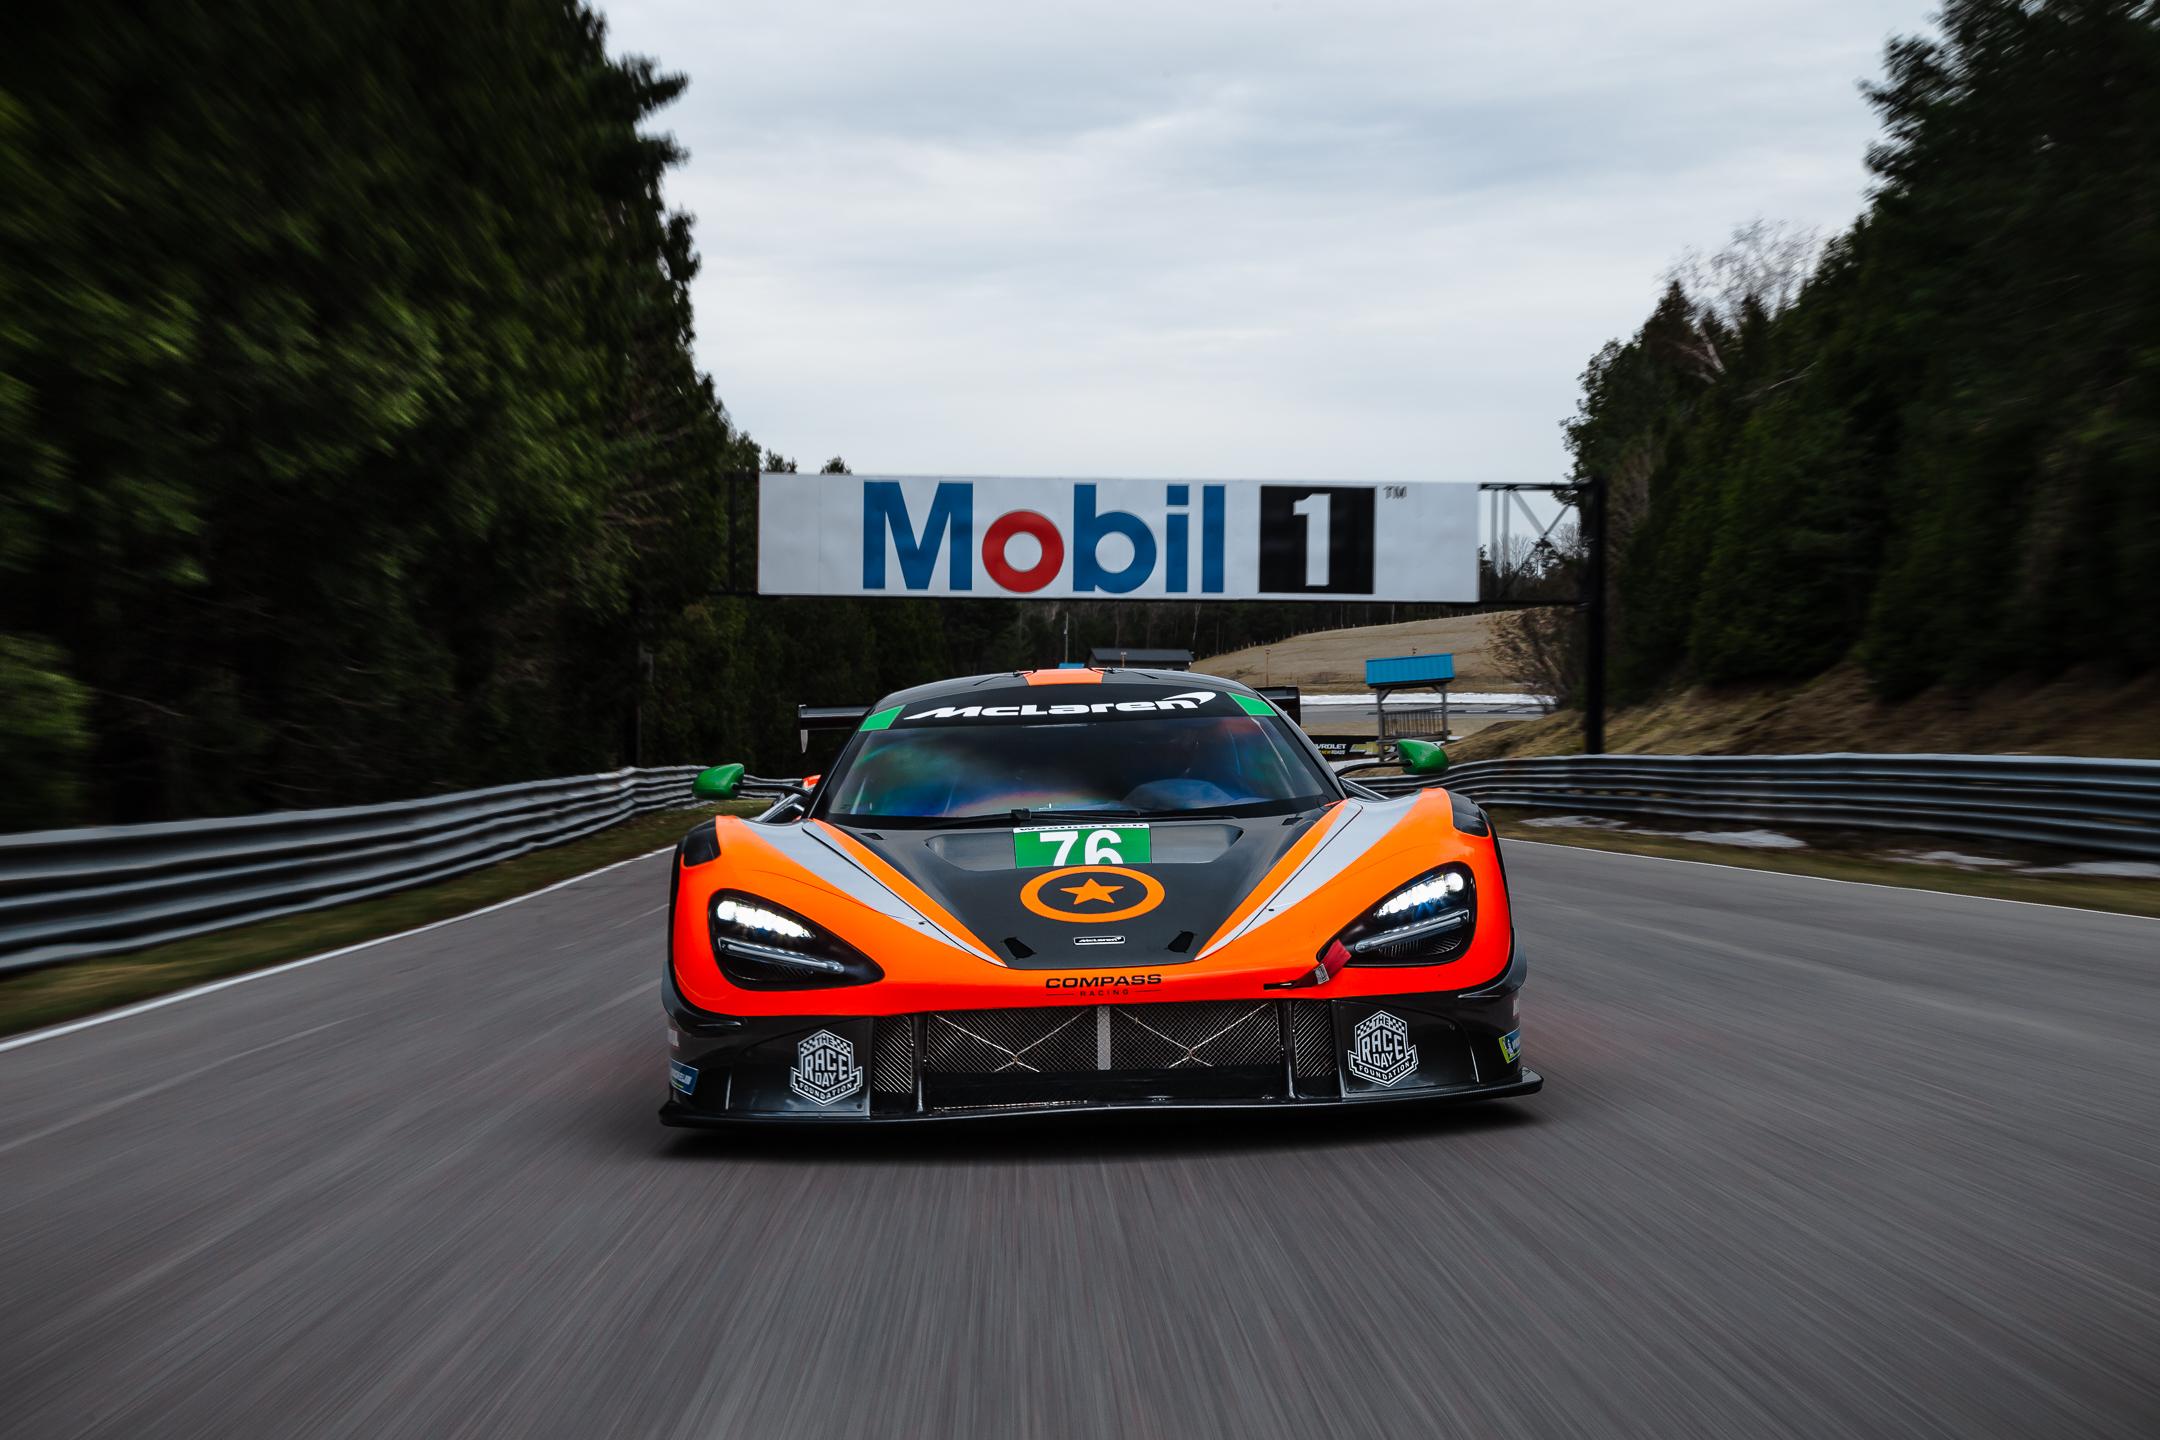 McLaren 720S GT3 - Compass Racing-8813-3.jpg